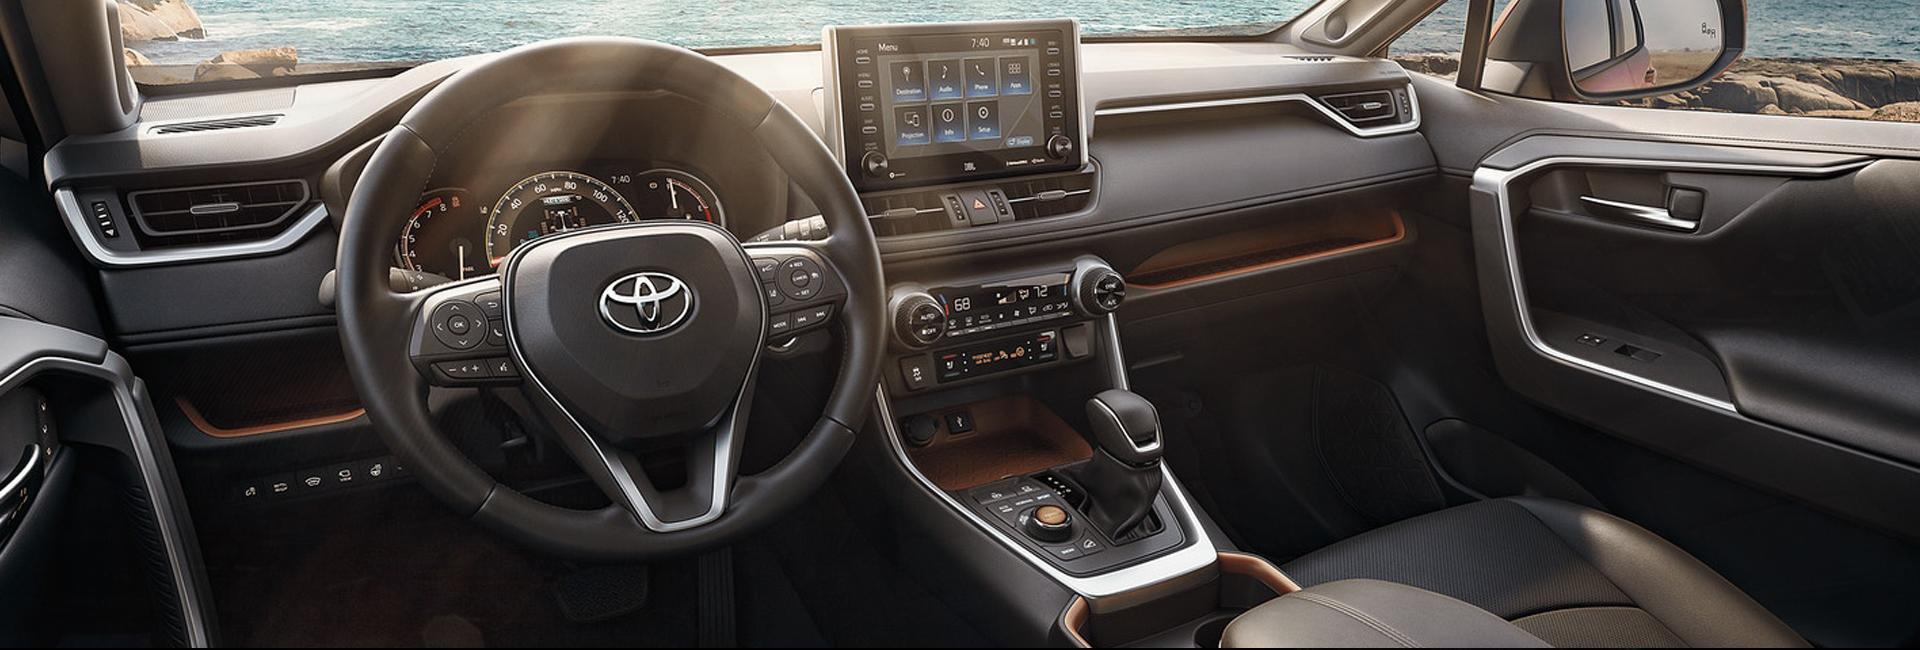 2021 Toyota RAV4 Seating capacity